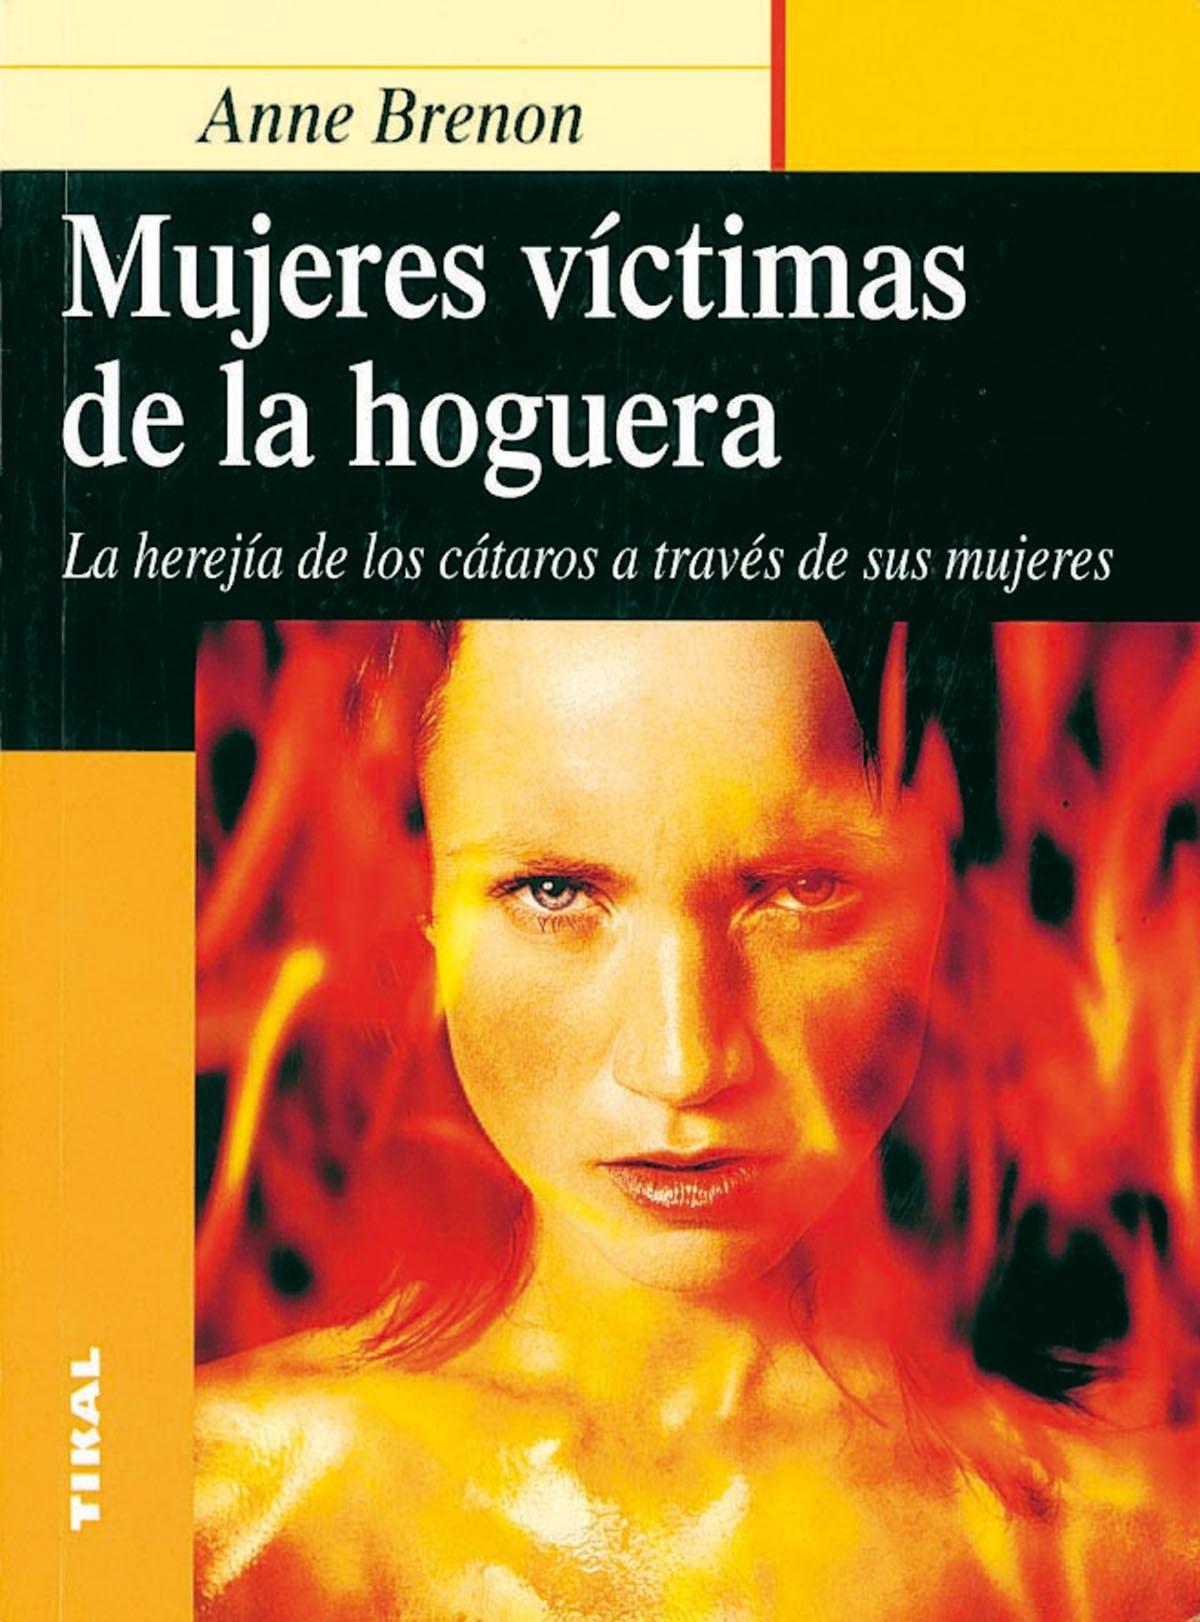 Mujeres víctimas de la hoguera 9788430534944